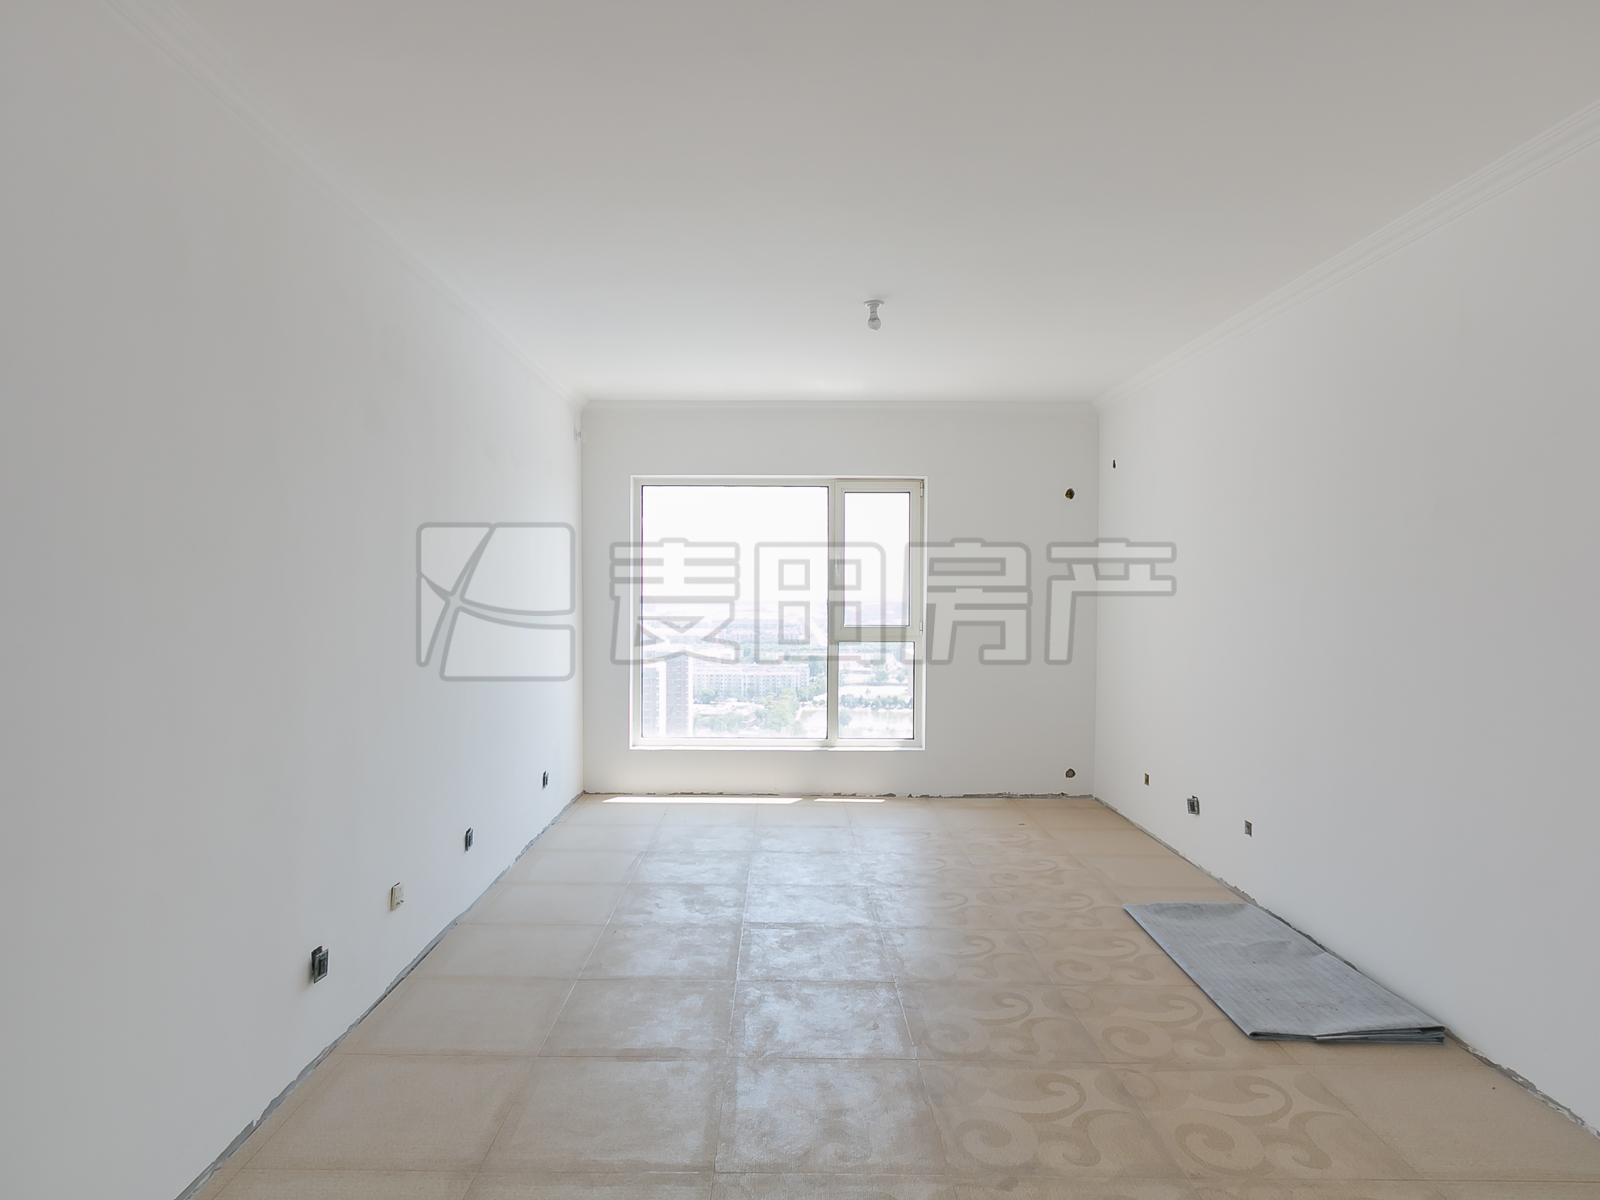 玉兰湾 131㎡南北三居室 钥匙房+每个卧室都送阳台+高层视野好